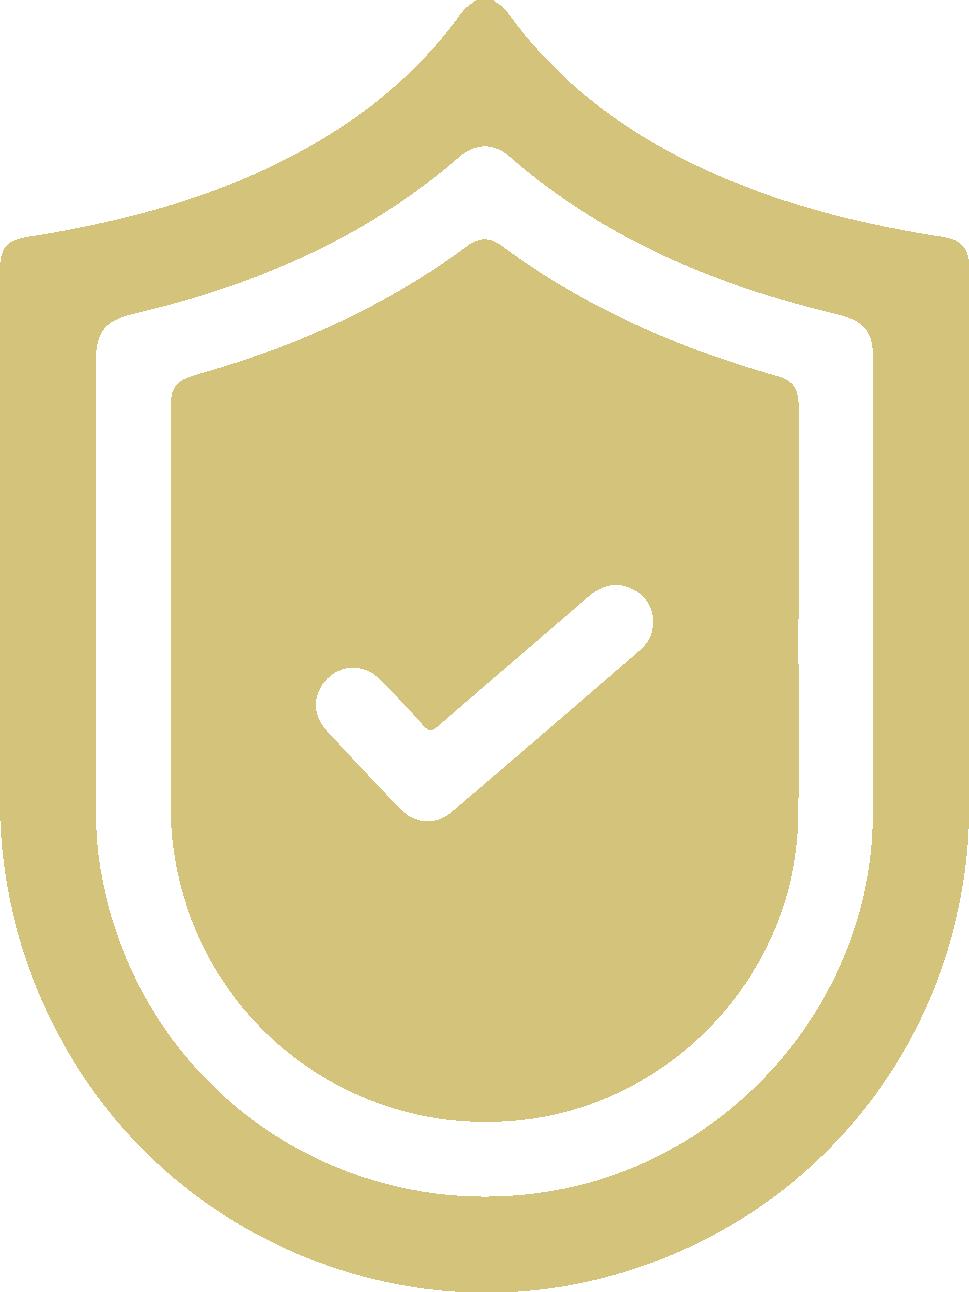 Un service de gardiennage sécurisé